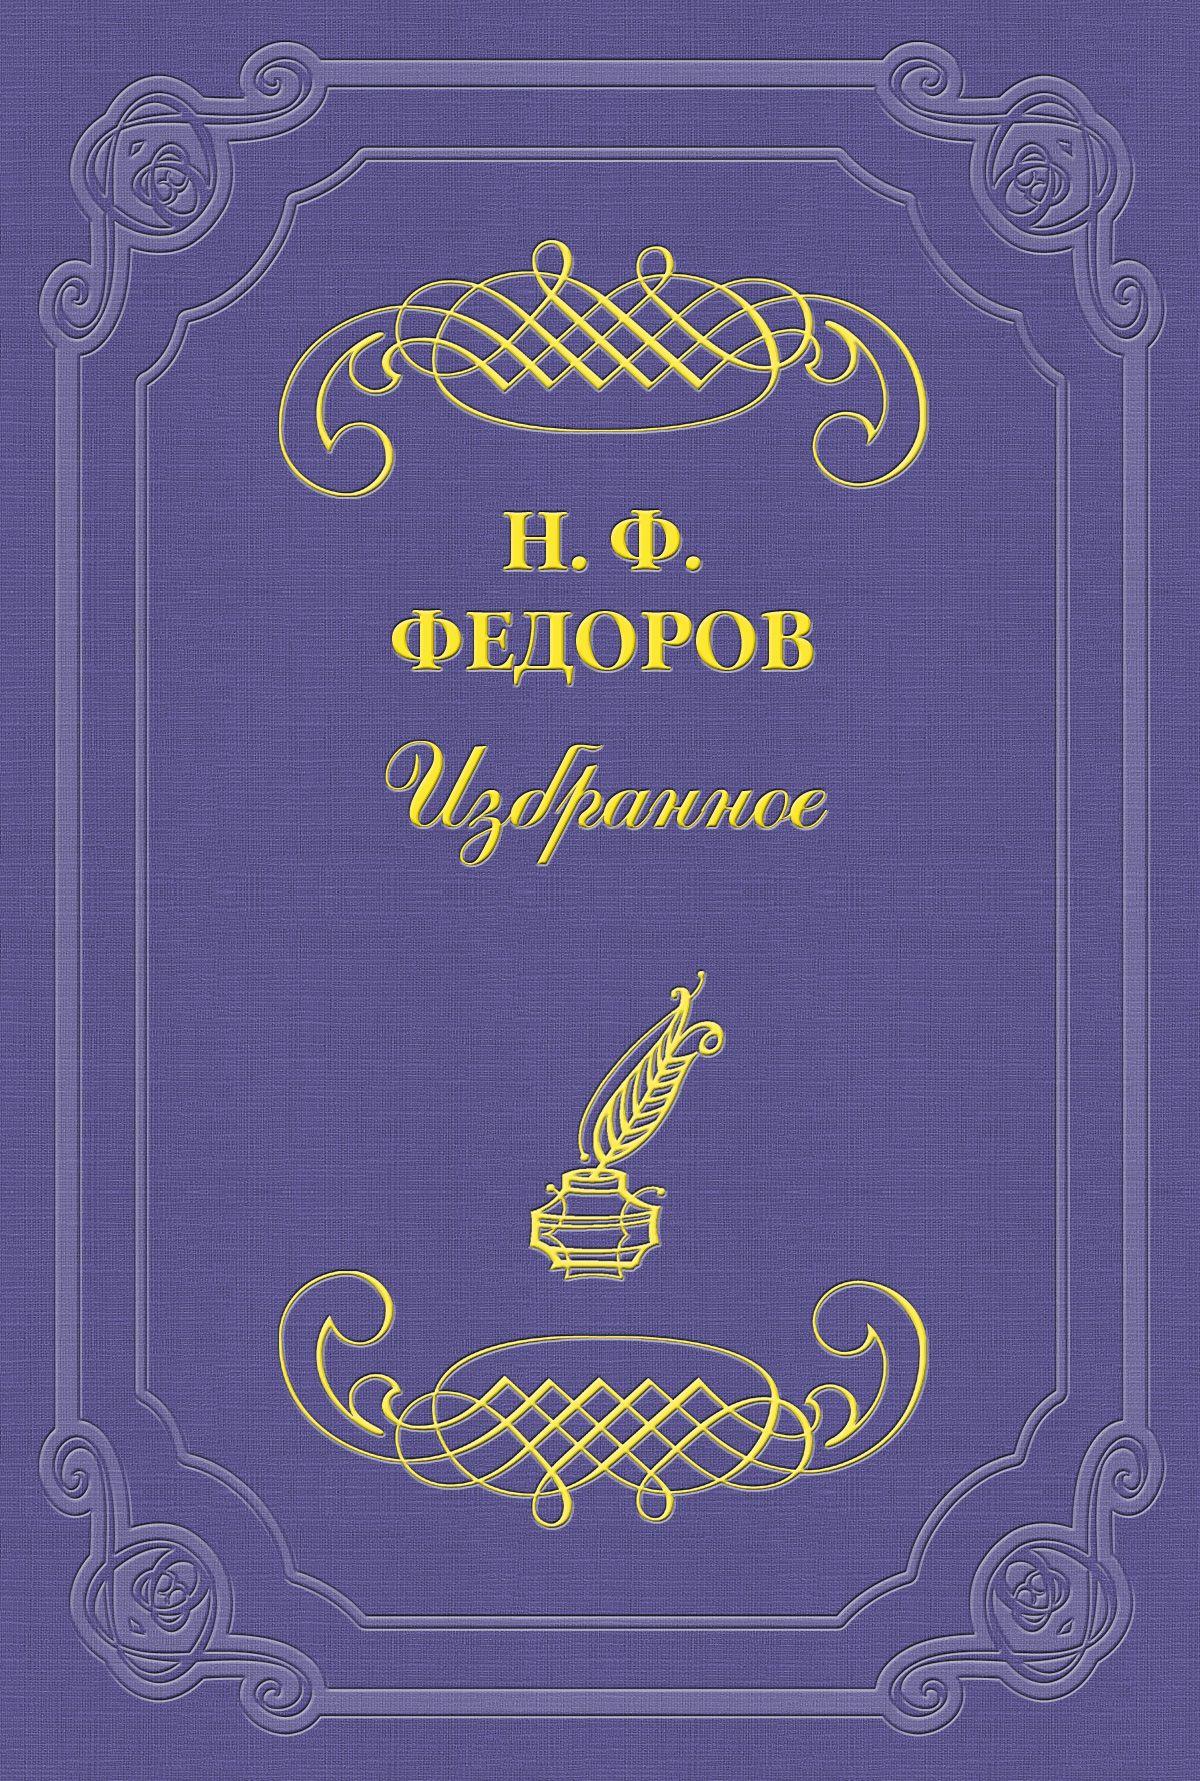 Николай Федоров Бесчисленные невольные возвраты или единый, сознательный и добровольный возврат? фату хива возврат к природе